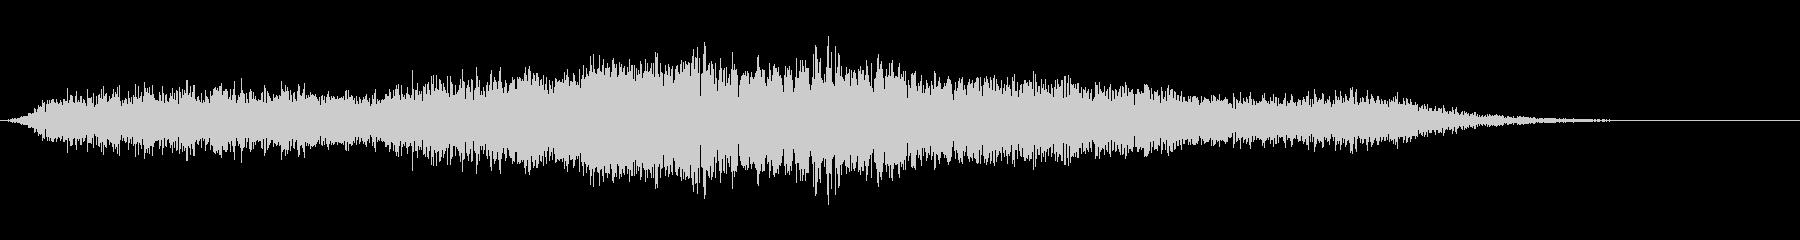 【生録音】 早朝の街 交通 環境音 8の未再生の波形